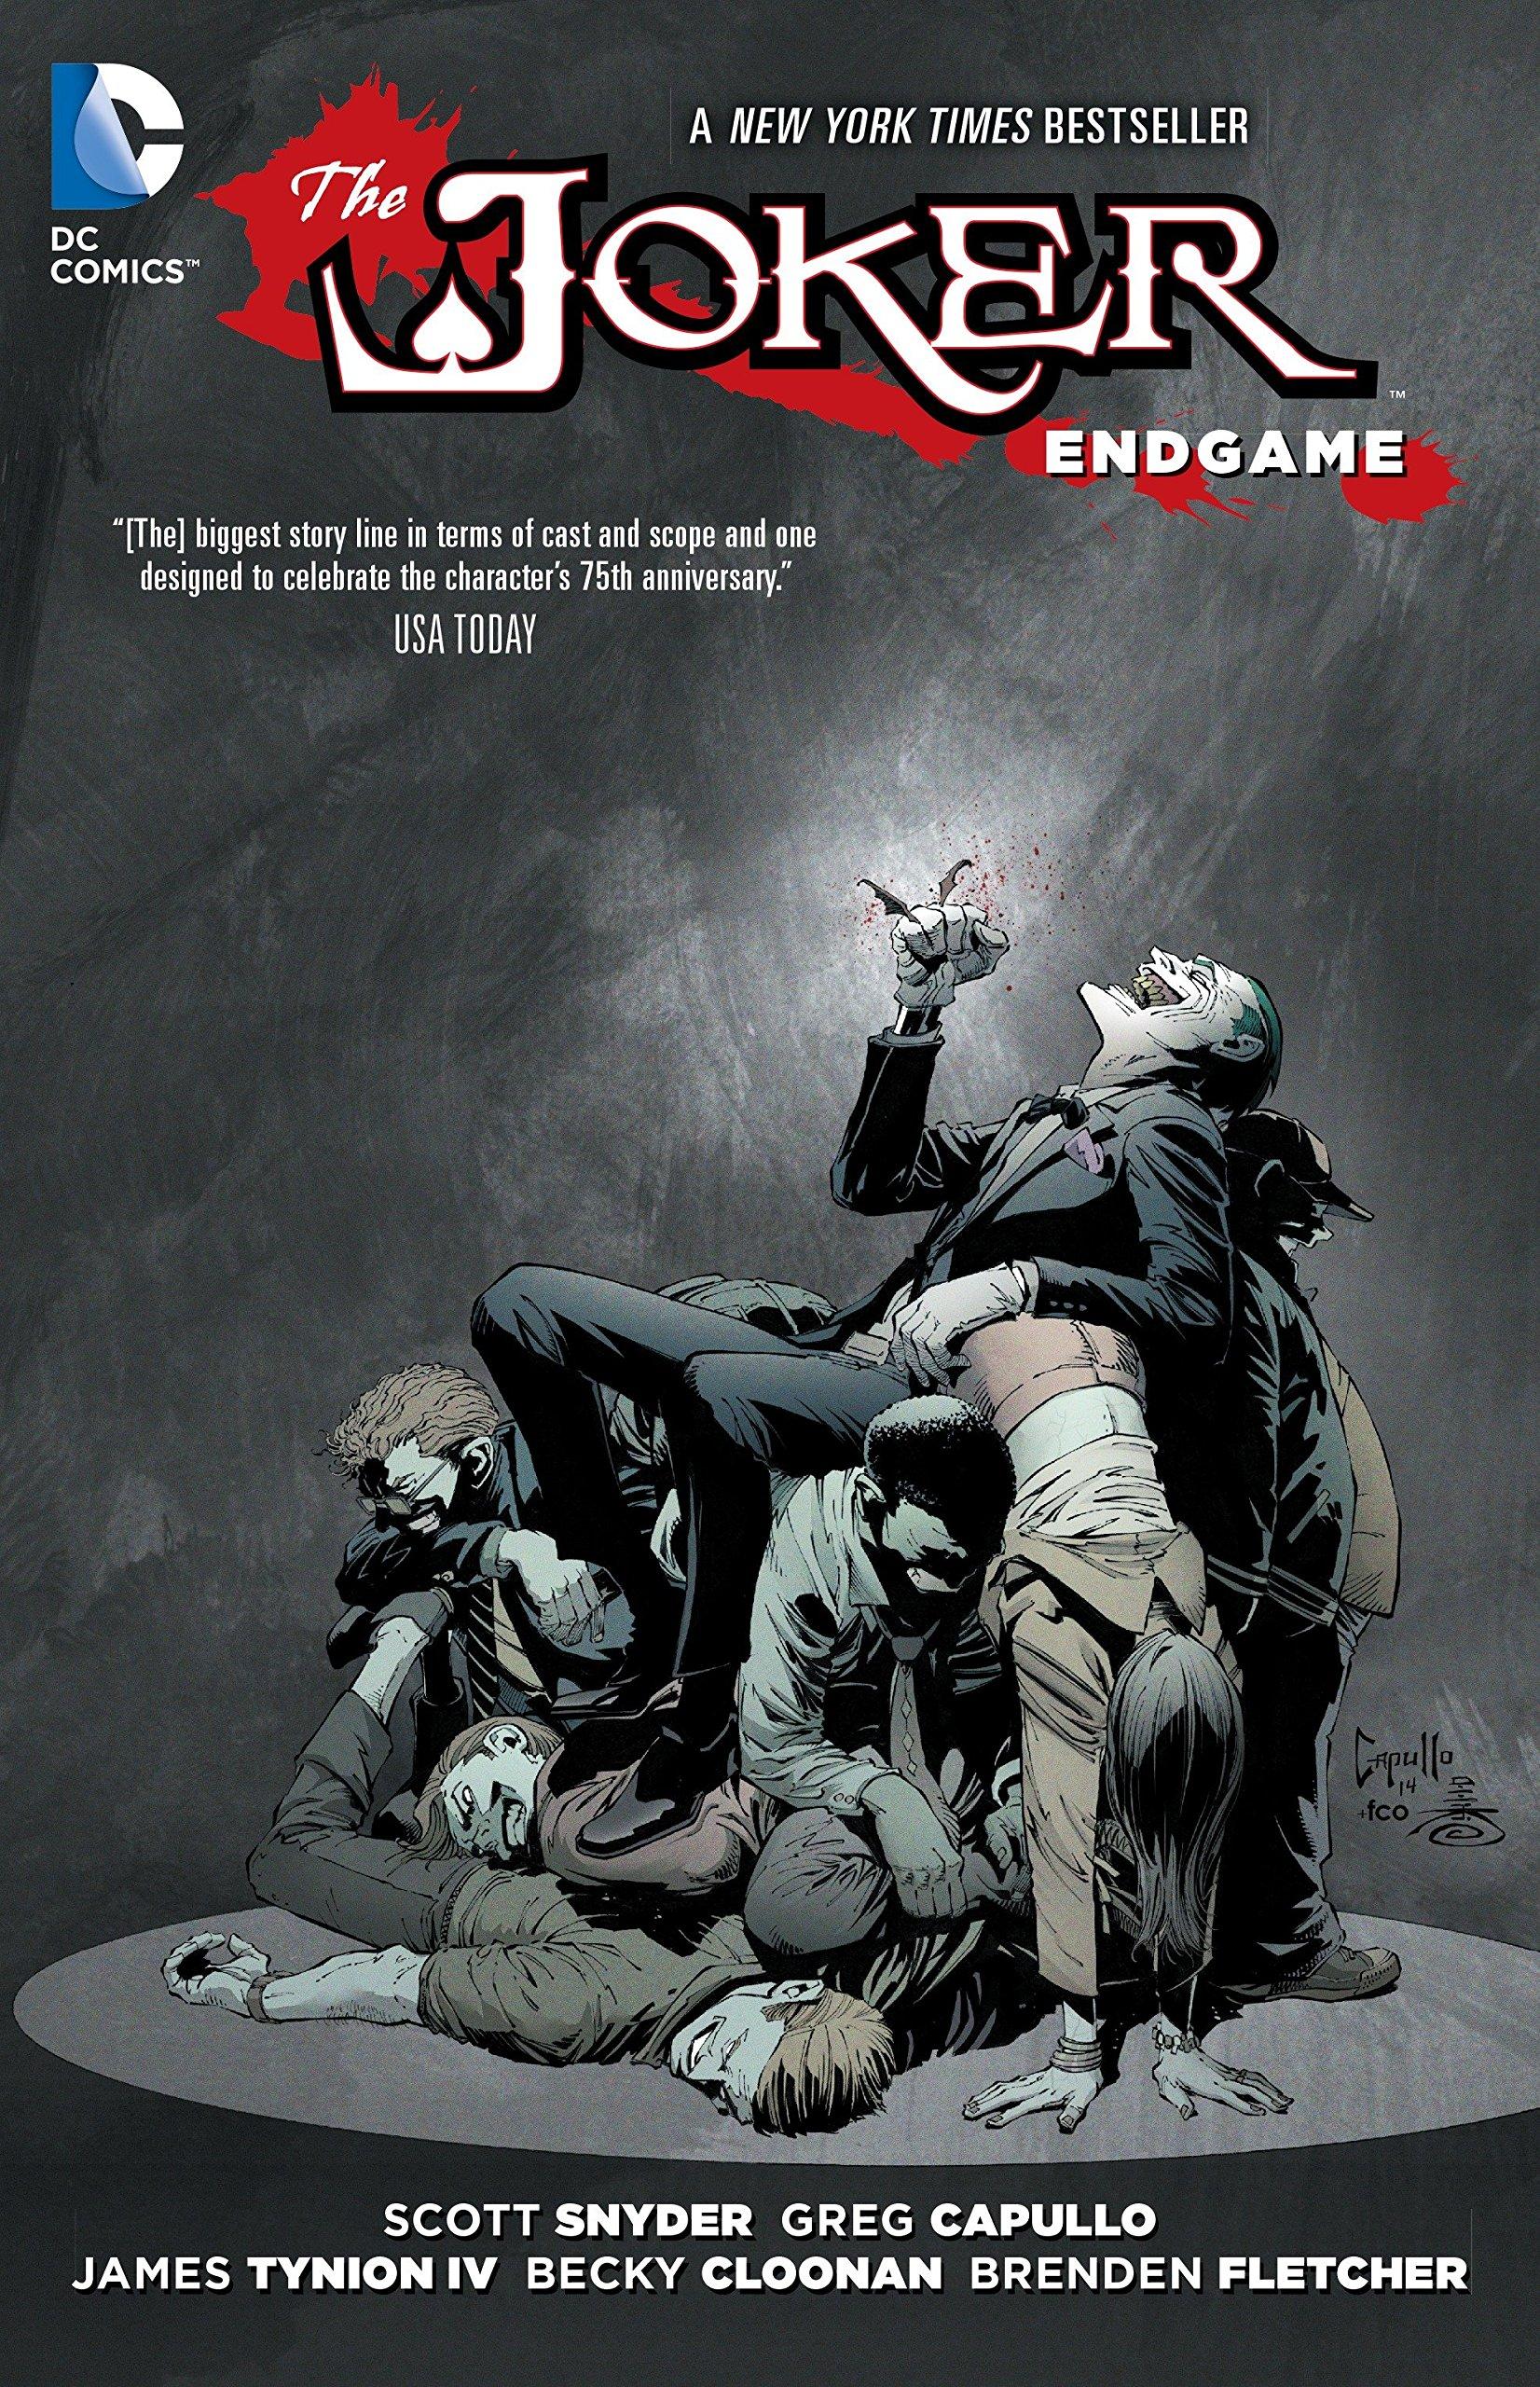 The Joker: Endgame: Scott Snyder, James Tynion IV, Becky Cloonan